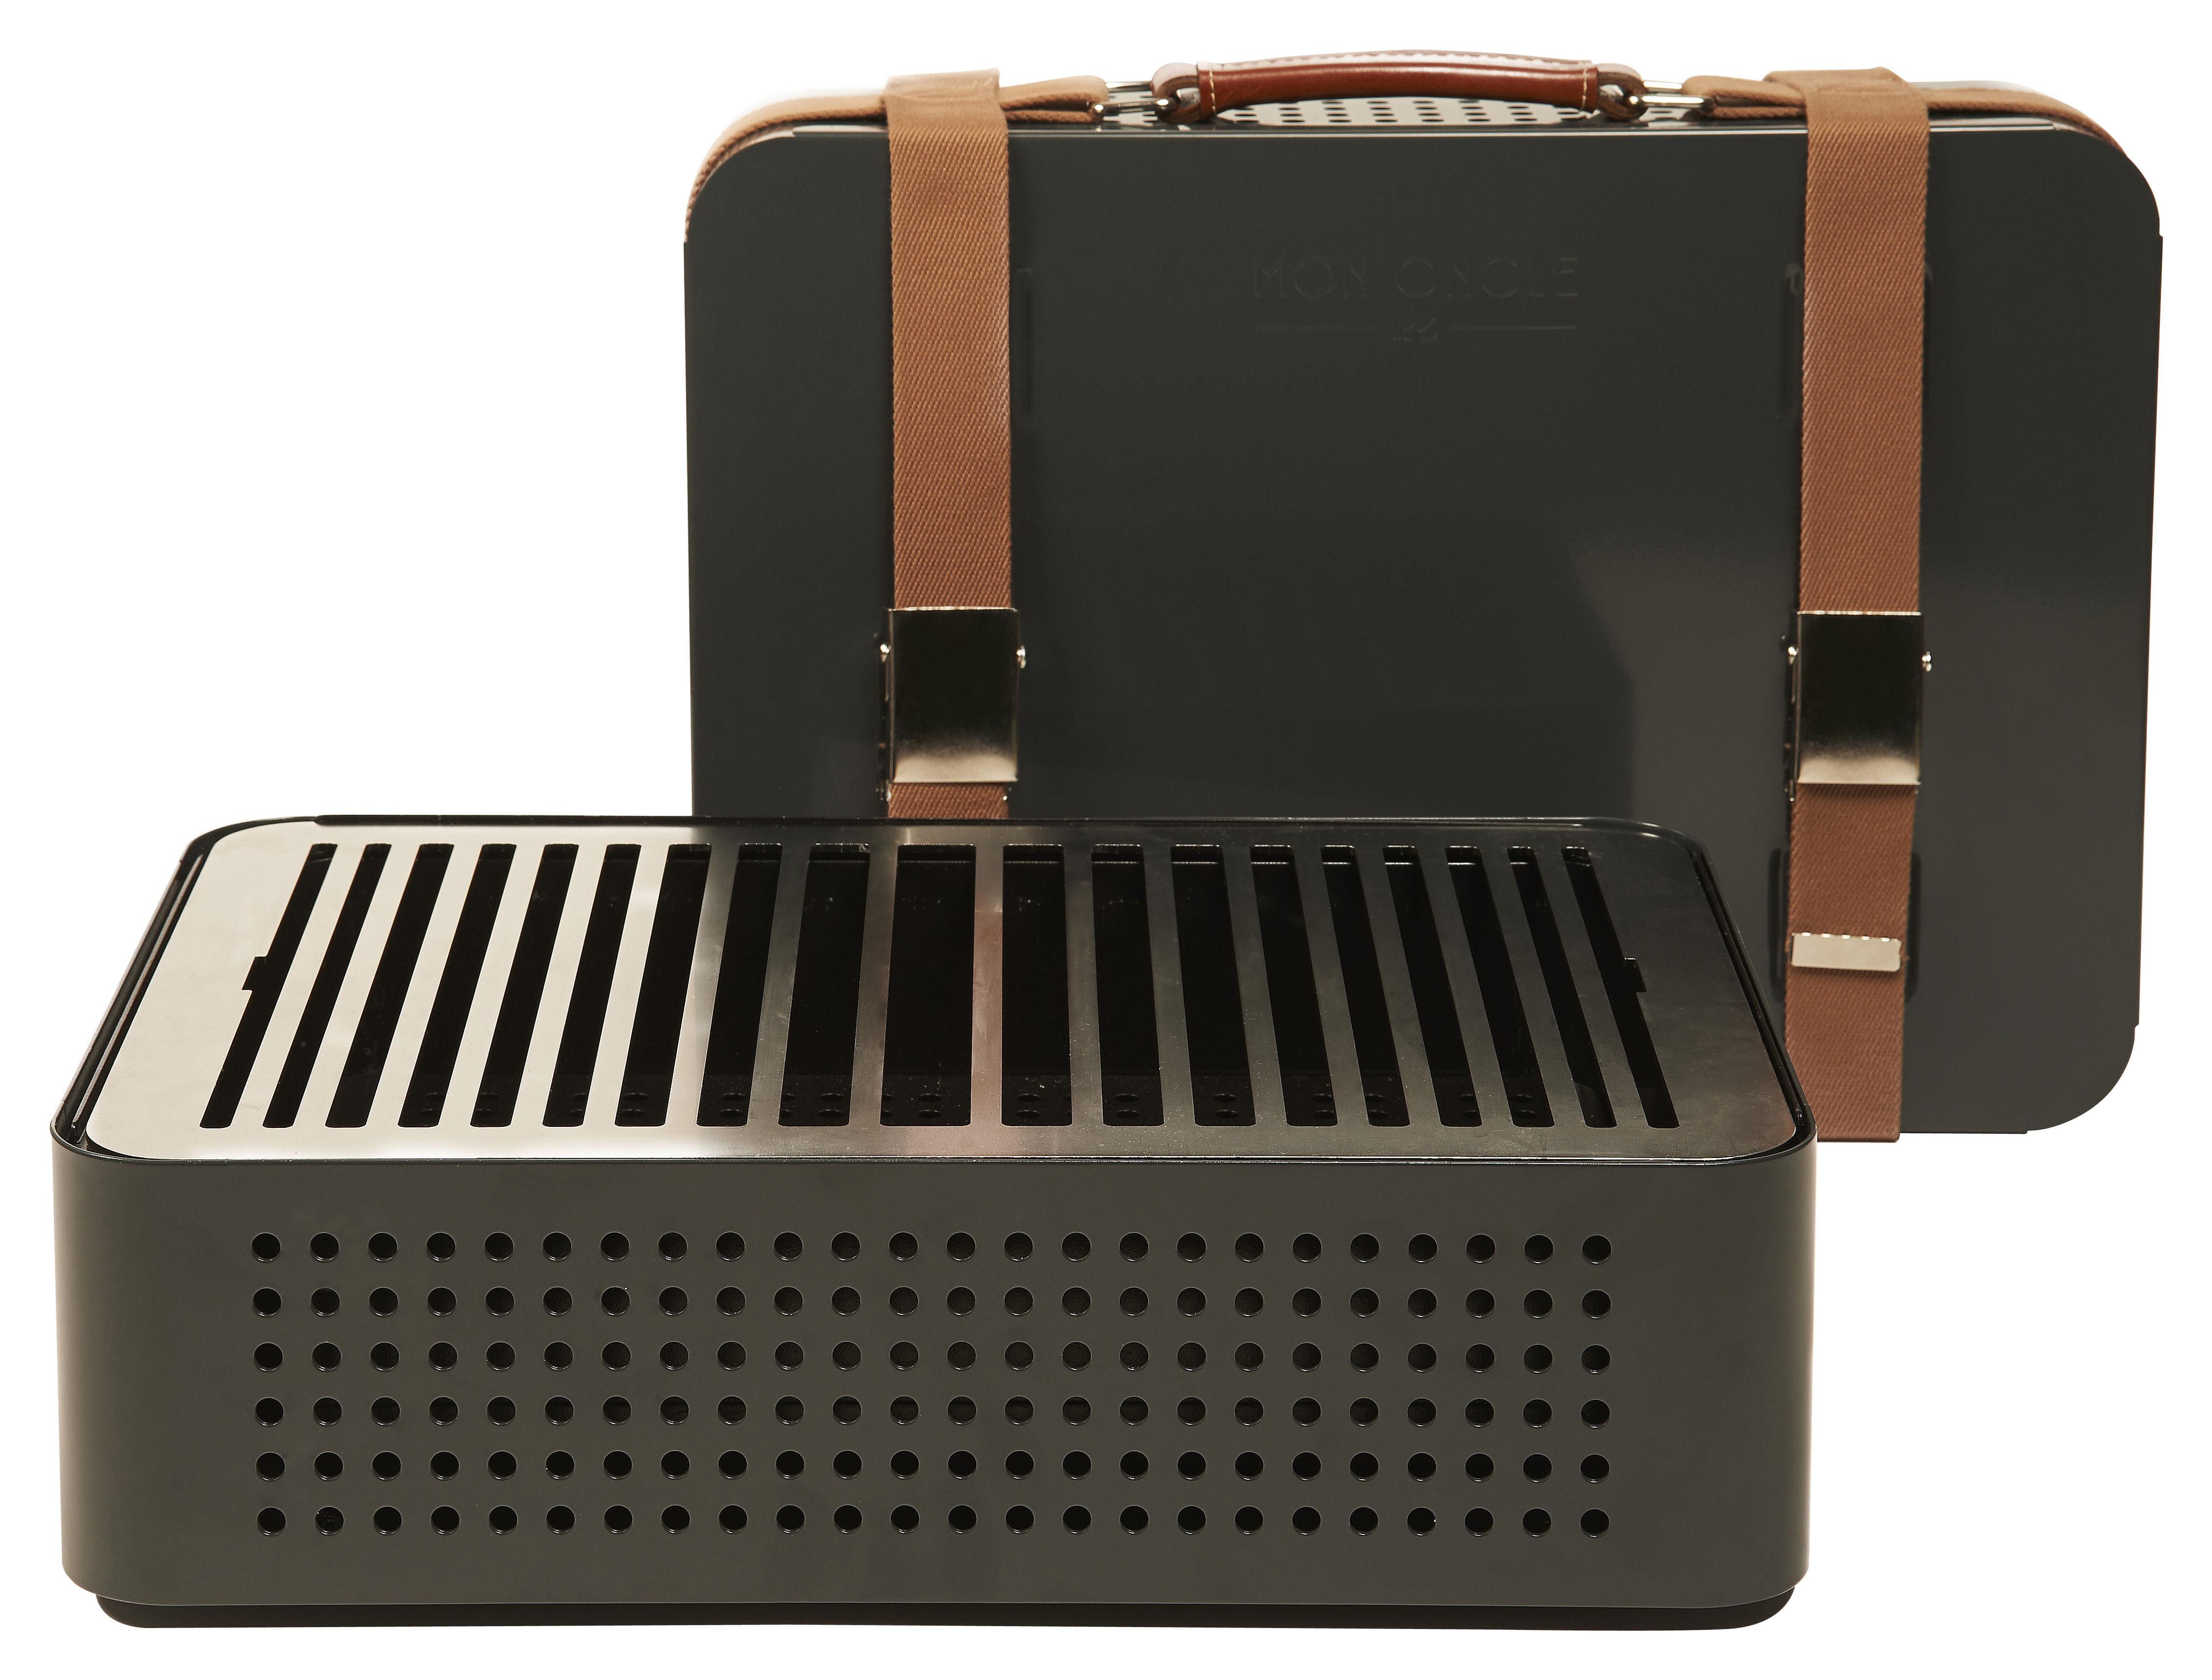 Outdoor - Barbecue - Barbecue portatile a carbone Mon Oncle - / Portatile - 44 x 32 cm di RS BARCELONA - Grigio - Acciaio inossidabile verniciato, Pelle, Tessuto